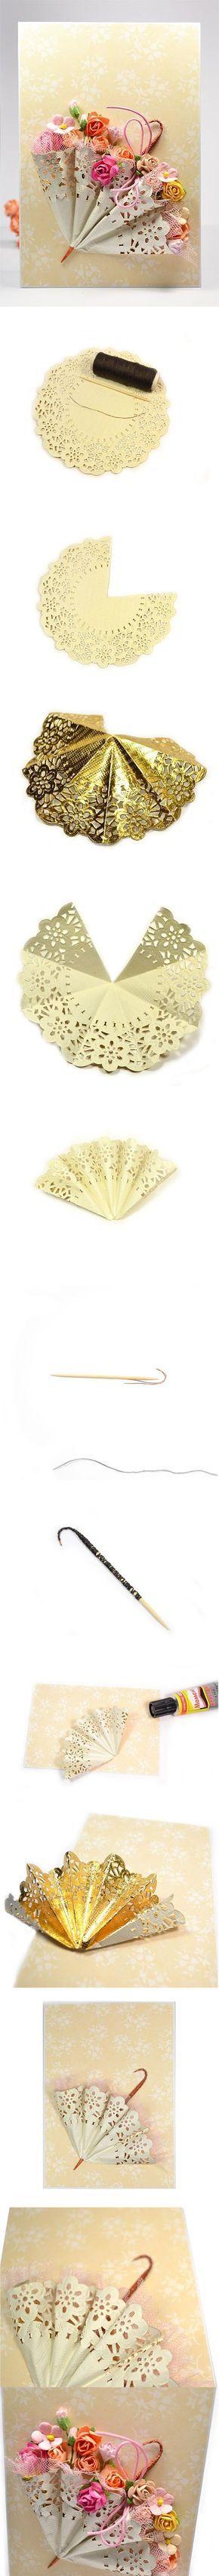 Inspiration pour une ombrelle florale à réaliser en fleurs en tissu et papier. Bouquet de mariée original, création intemporelle: